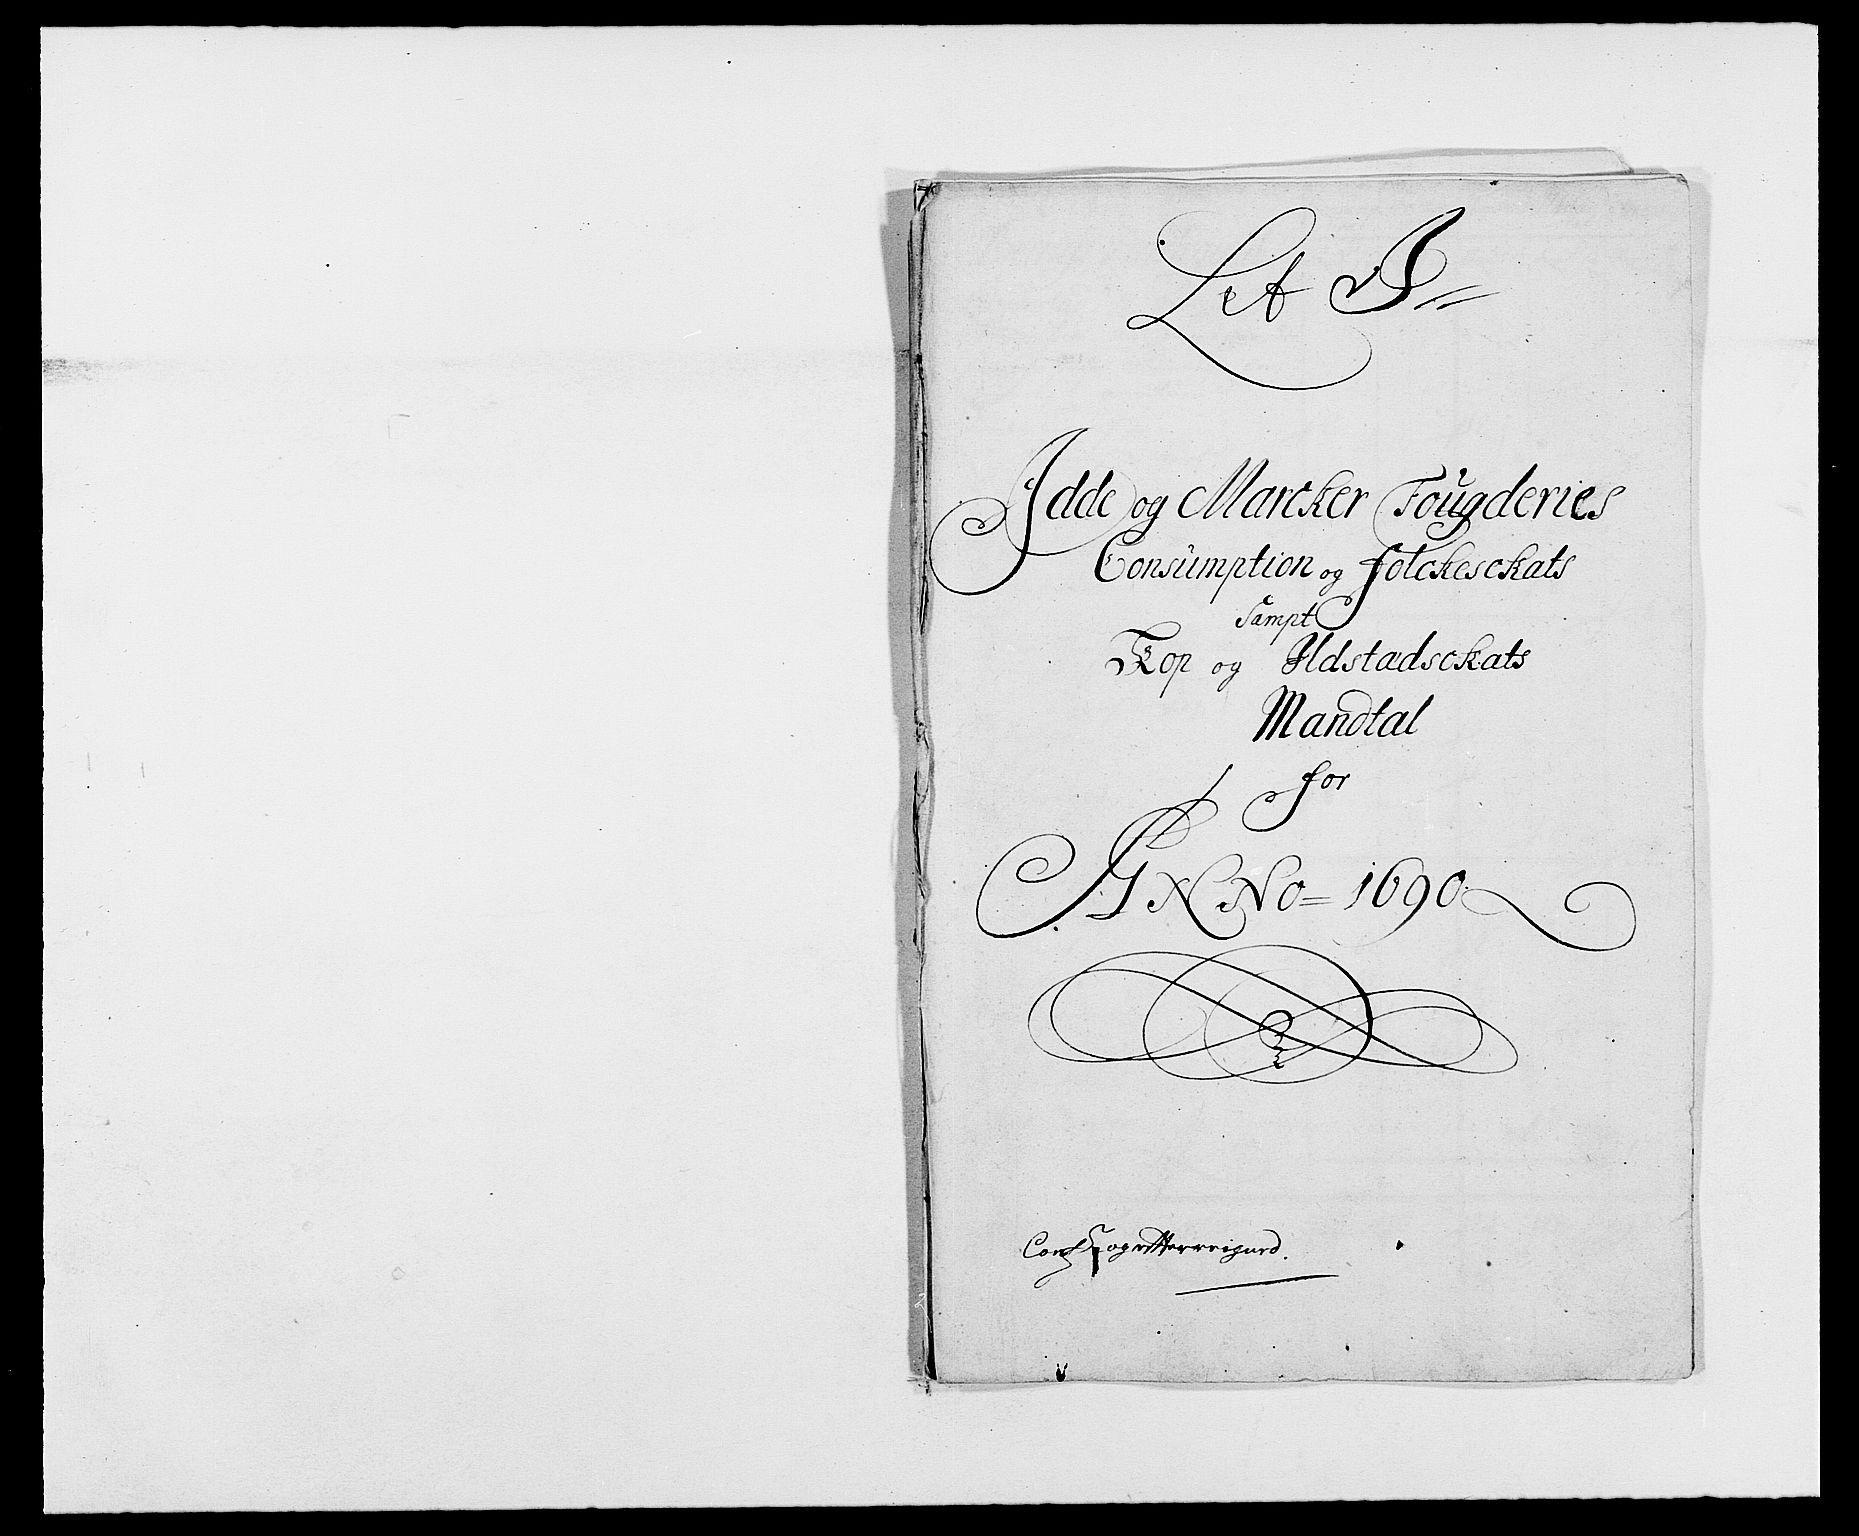 RA, Rentekammeret inntil 1814, Reviderte regnskaper, Fogderegnskap, R01/L0010: Fogderegnskap Idd og Marker, 1690-1691, s. 262